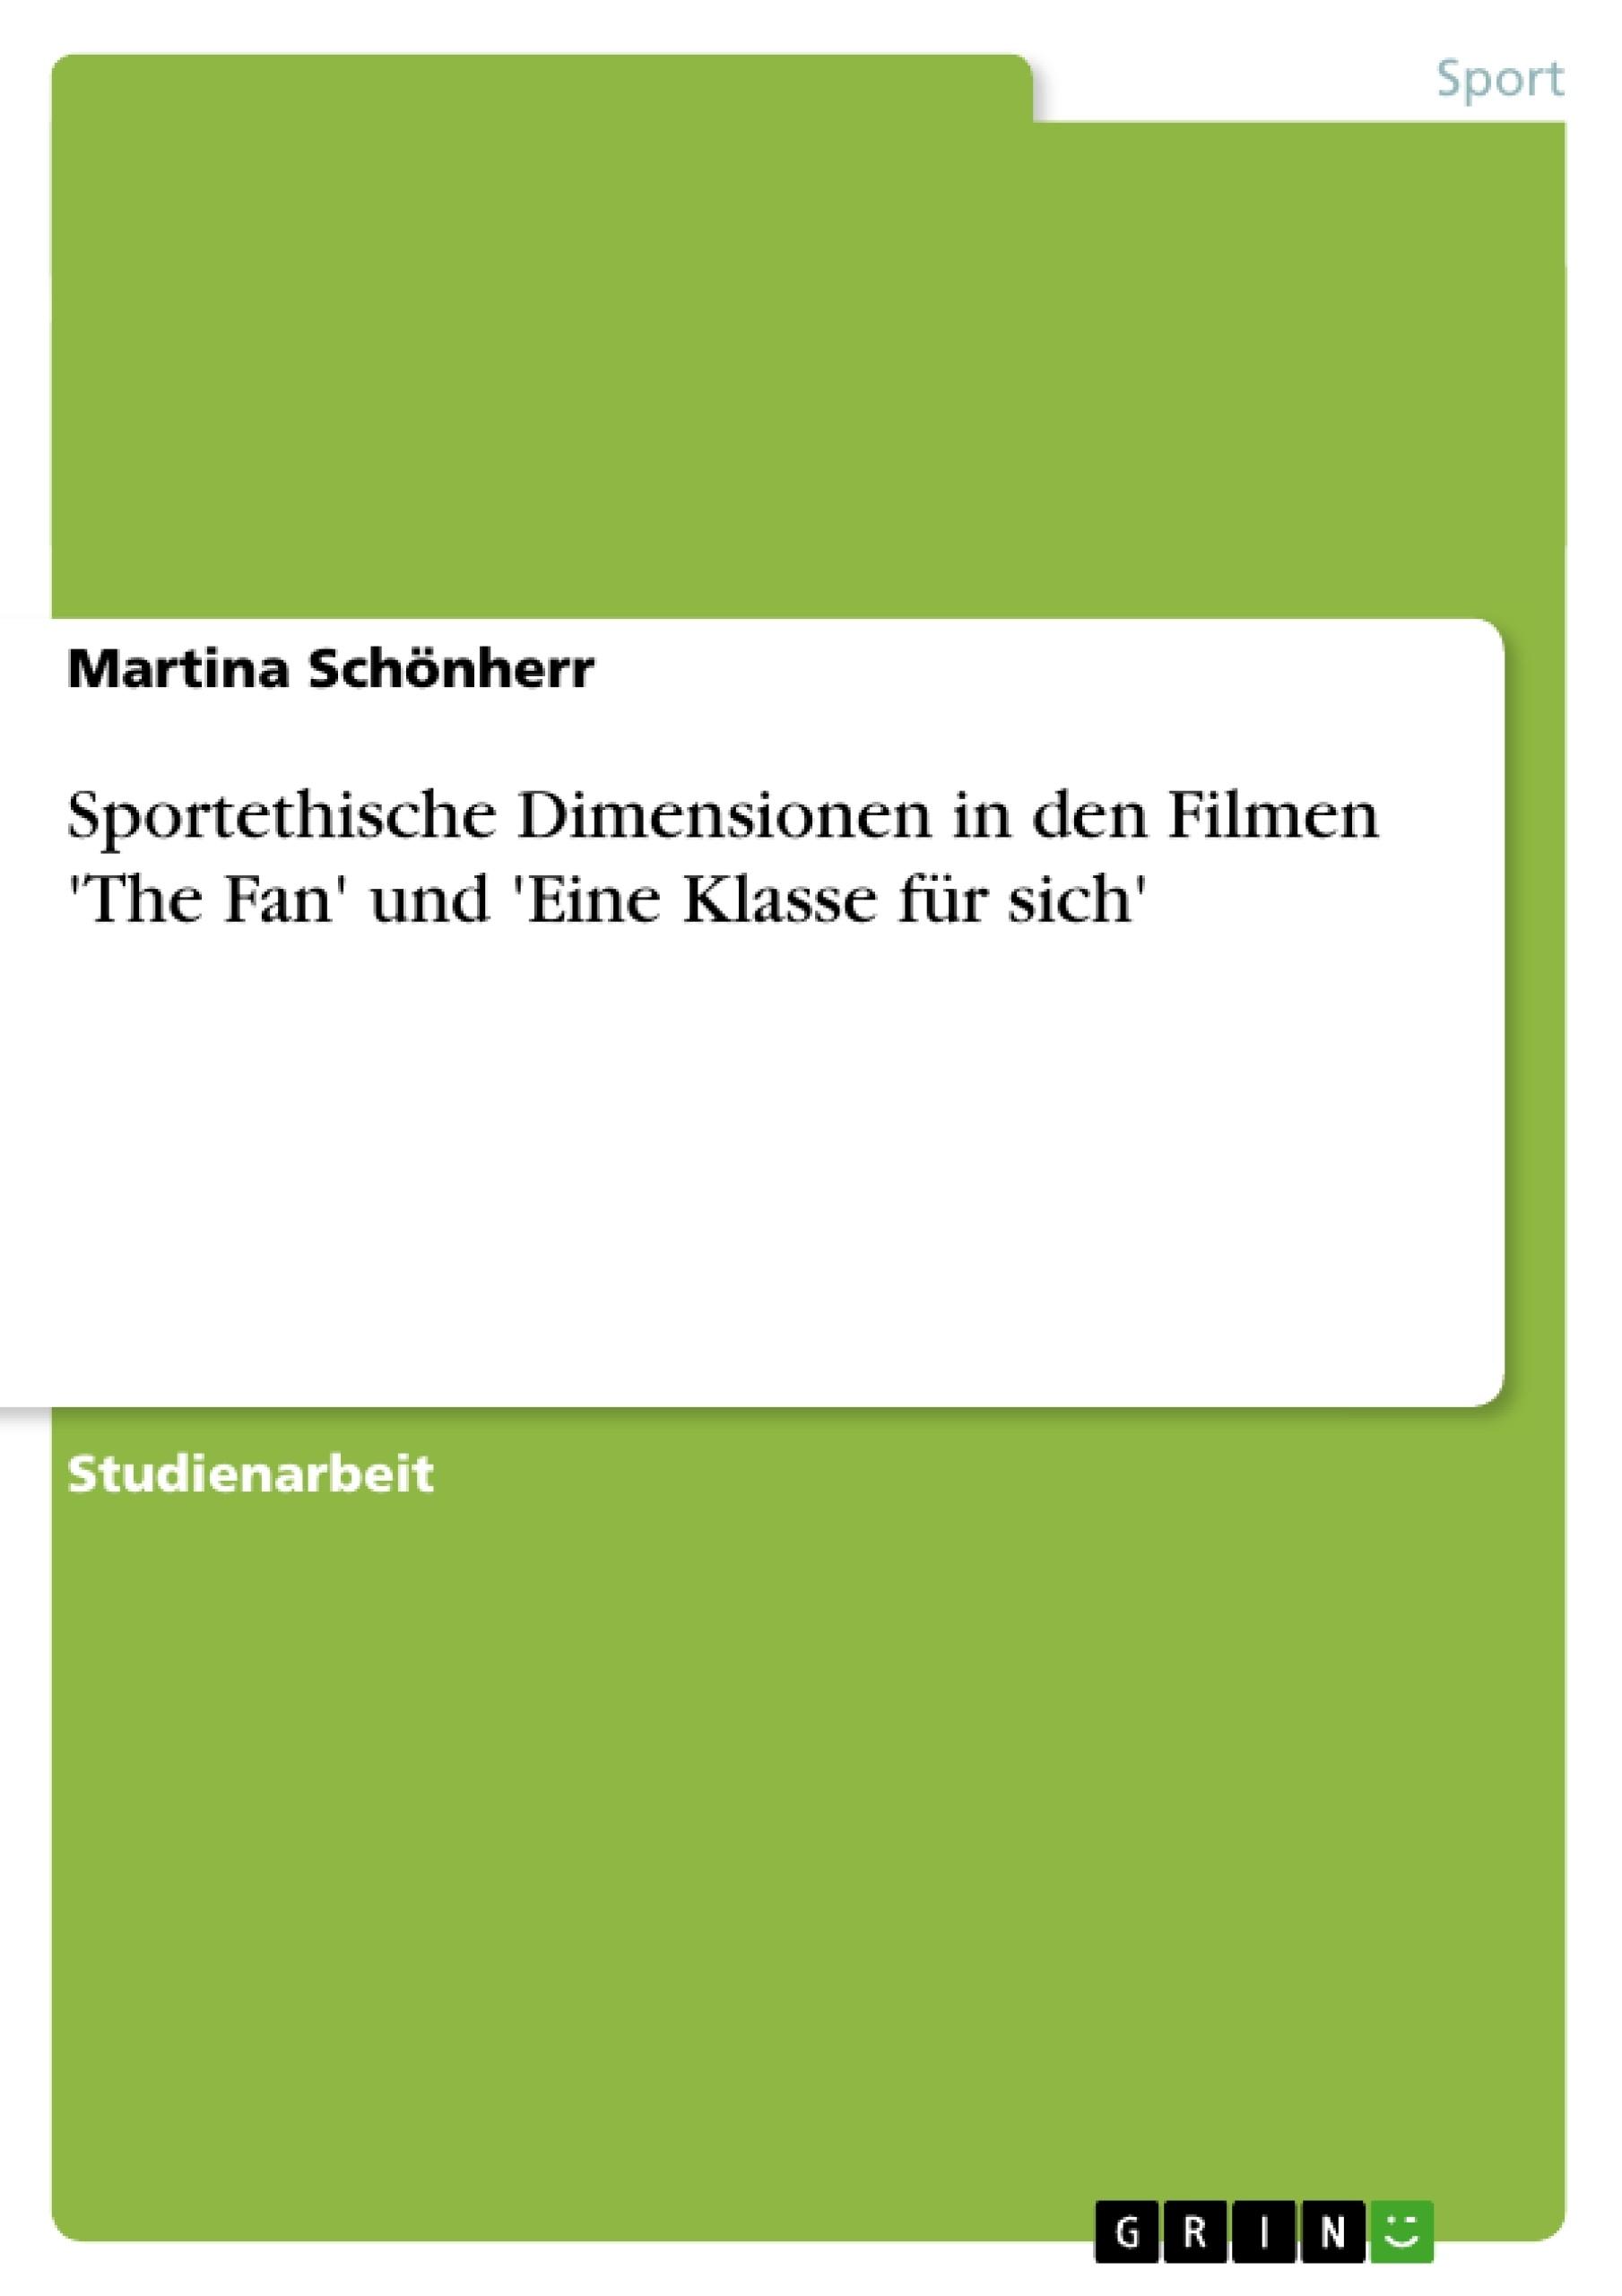 Titel: Sportethische Dimensionen in den Filmen 'The Fan' und 'Eine Klasse für sich'